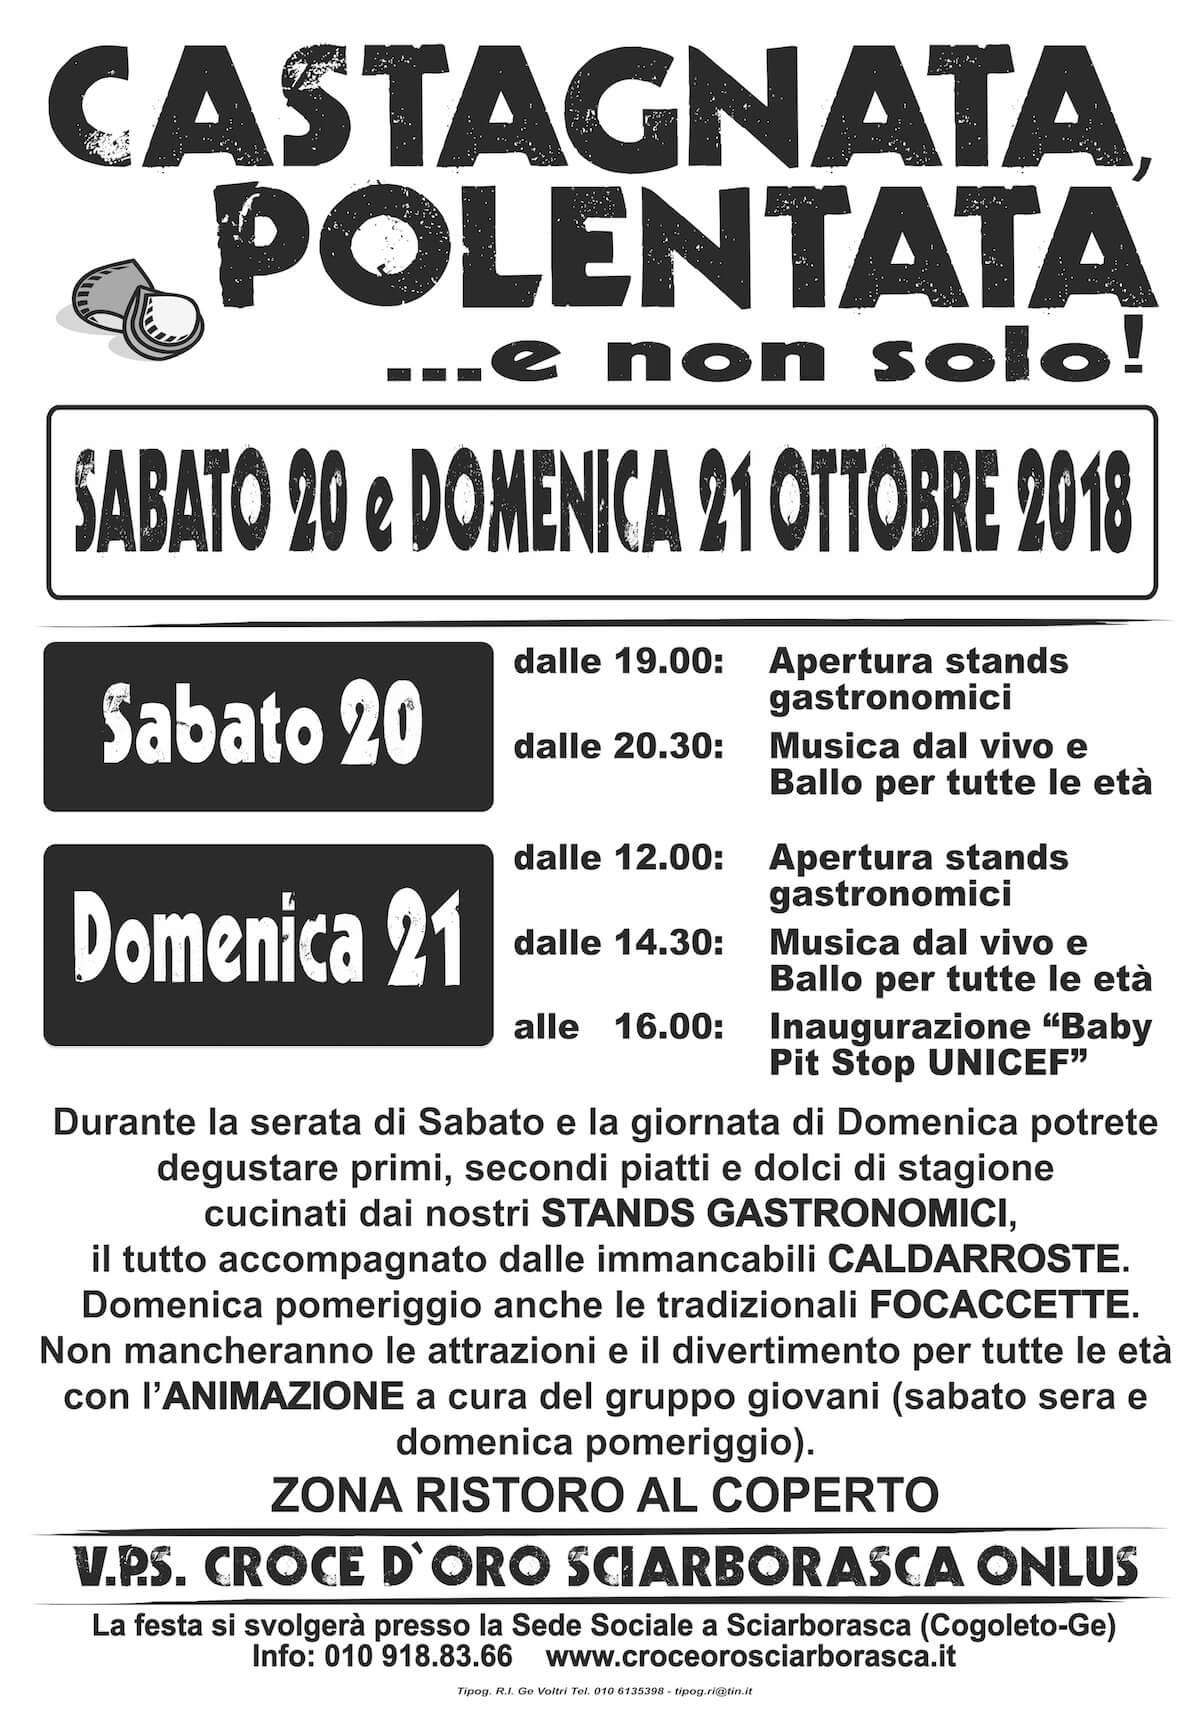 Manifesto Castagnata 2018